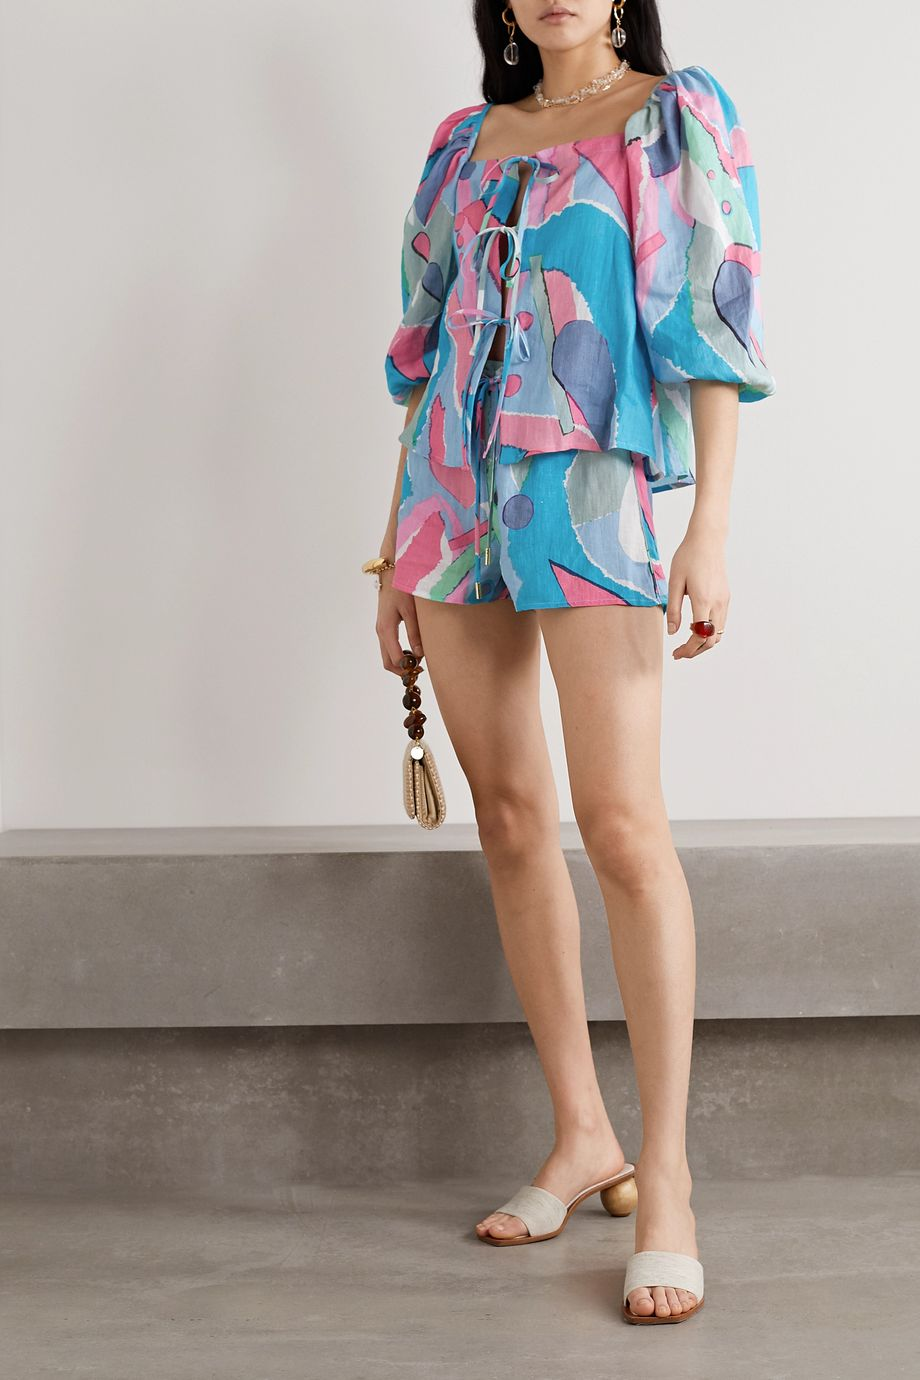 Cult Gaia Aurel lace-up printed linen top